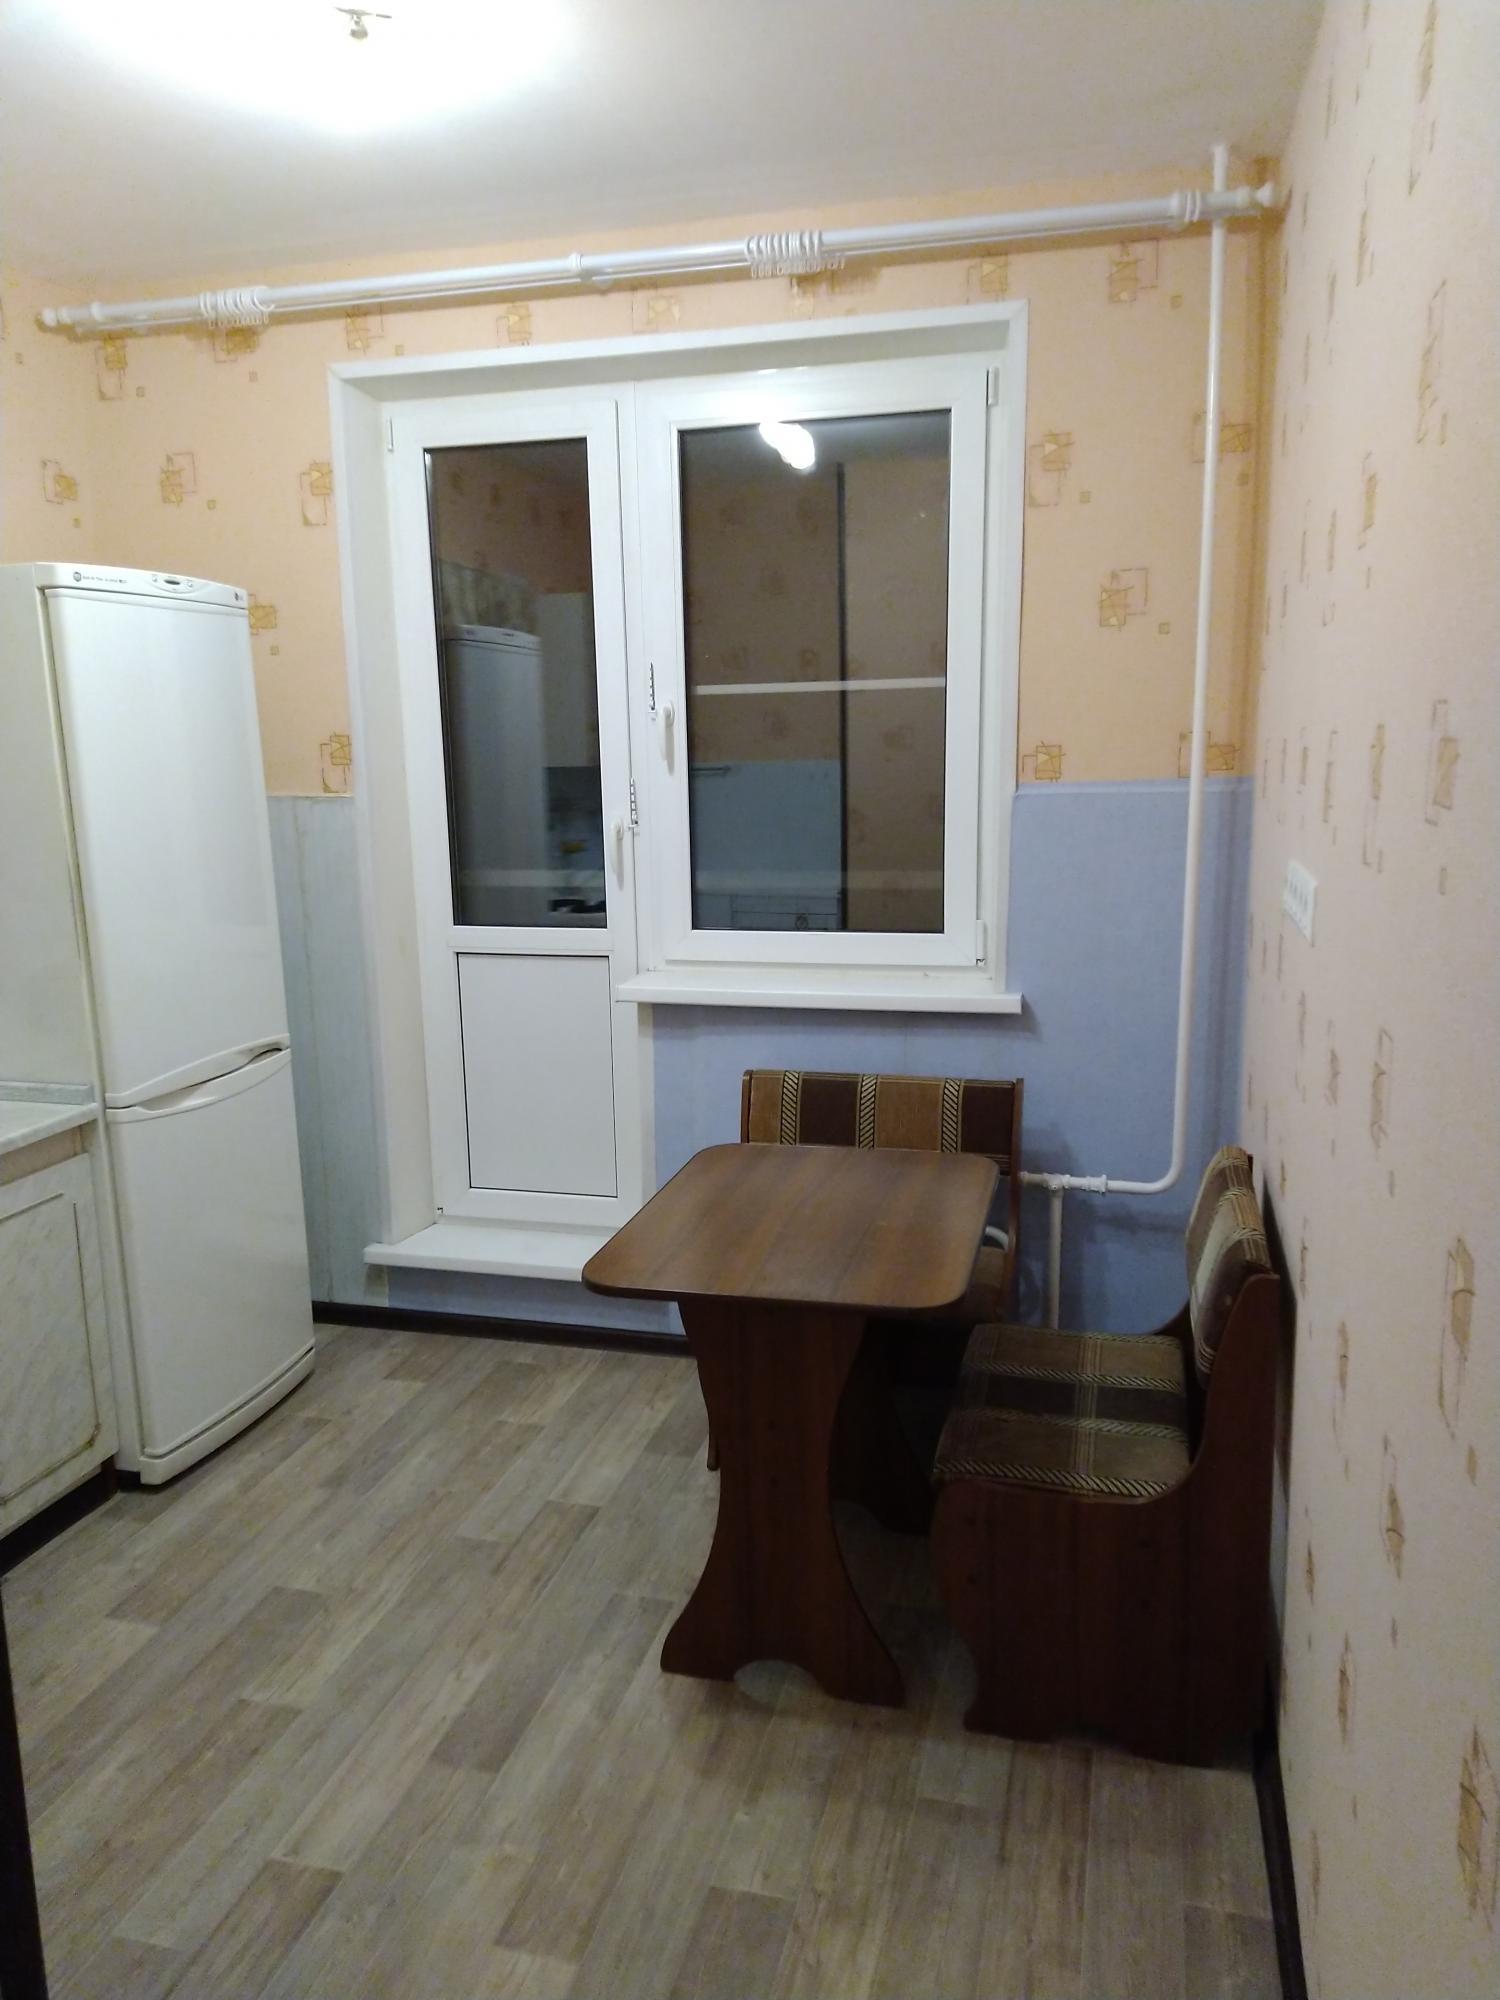 Квартира, 1 комната, 41 м² в Москве 89629338809 купить 6